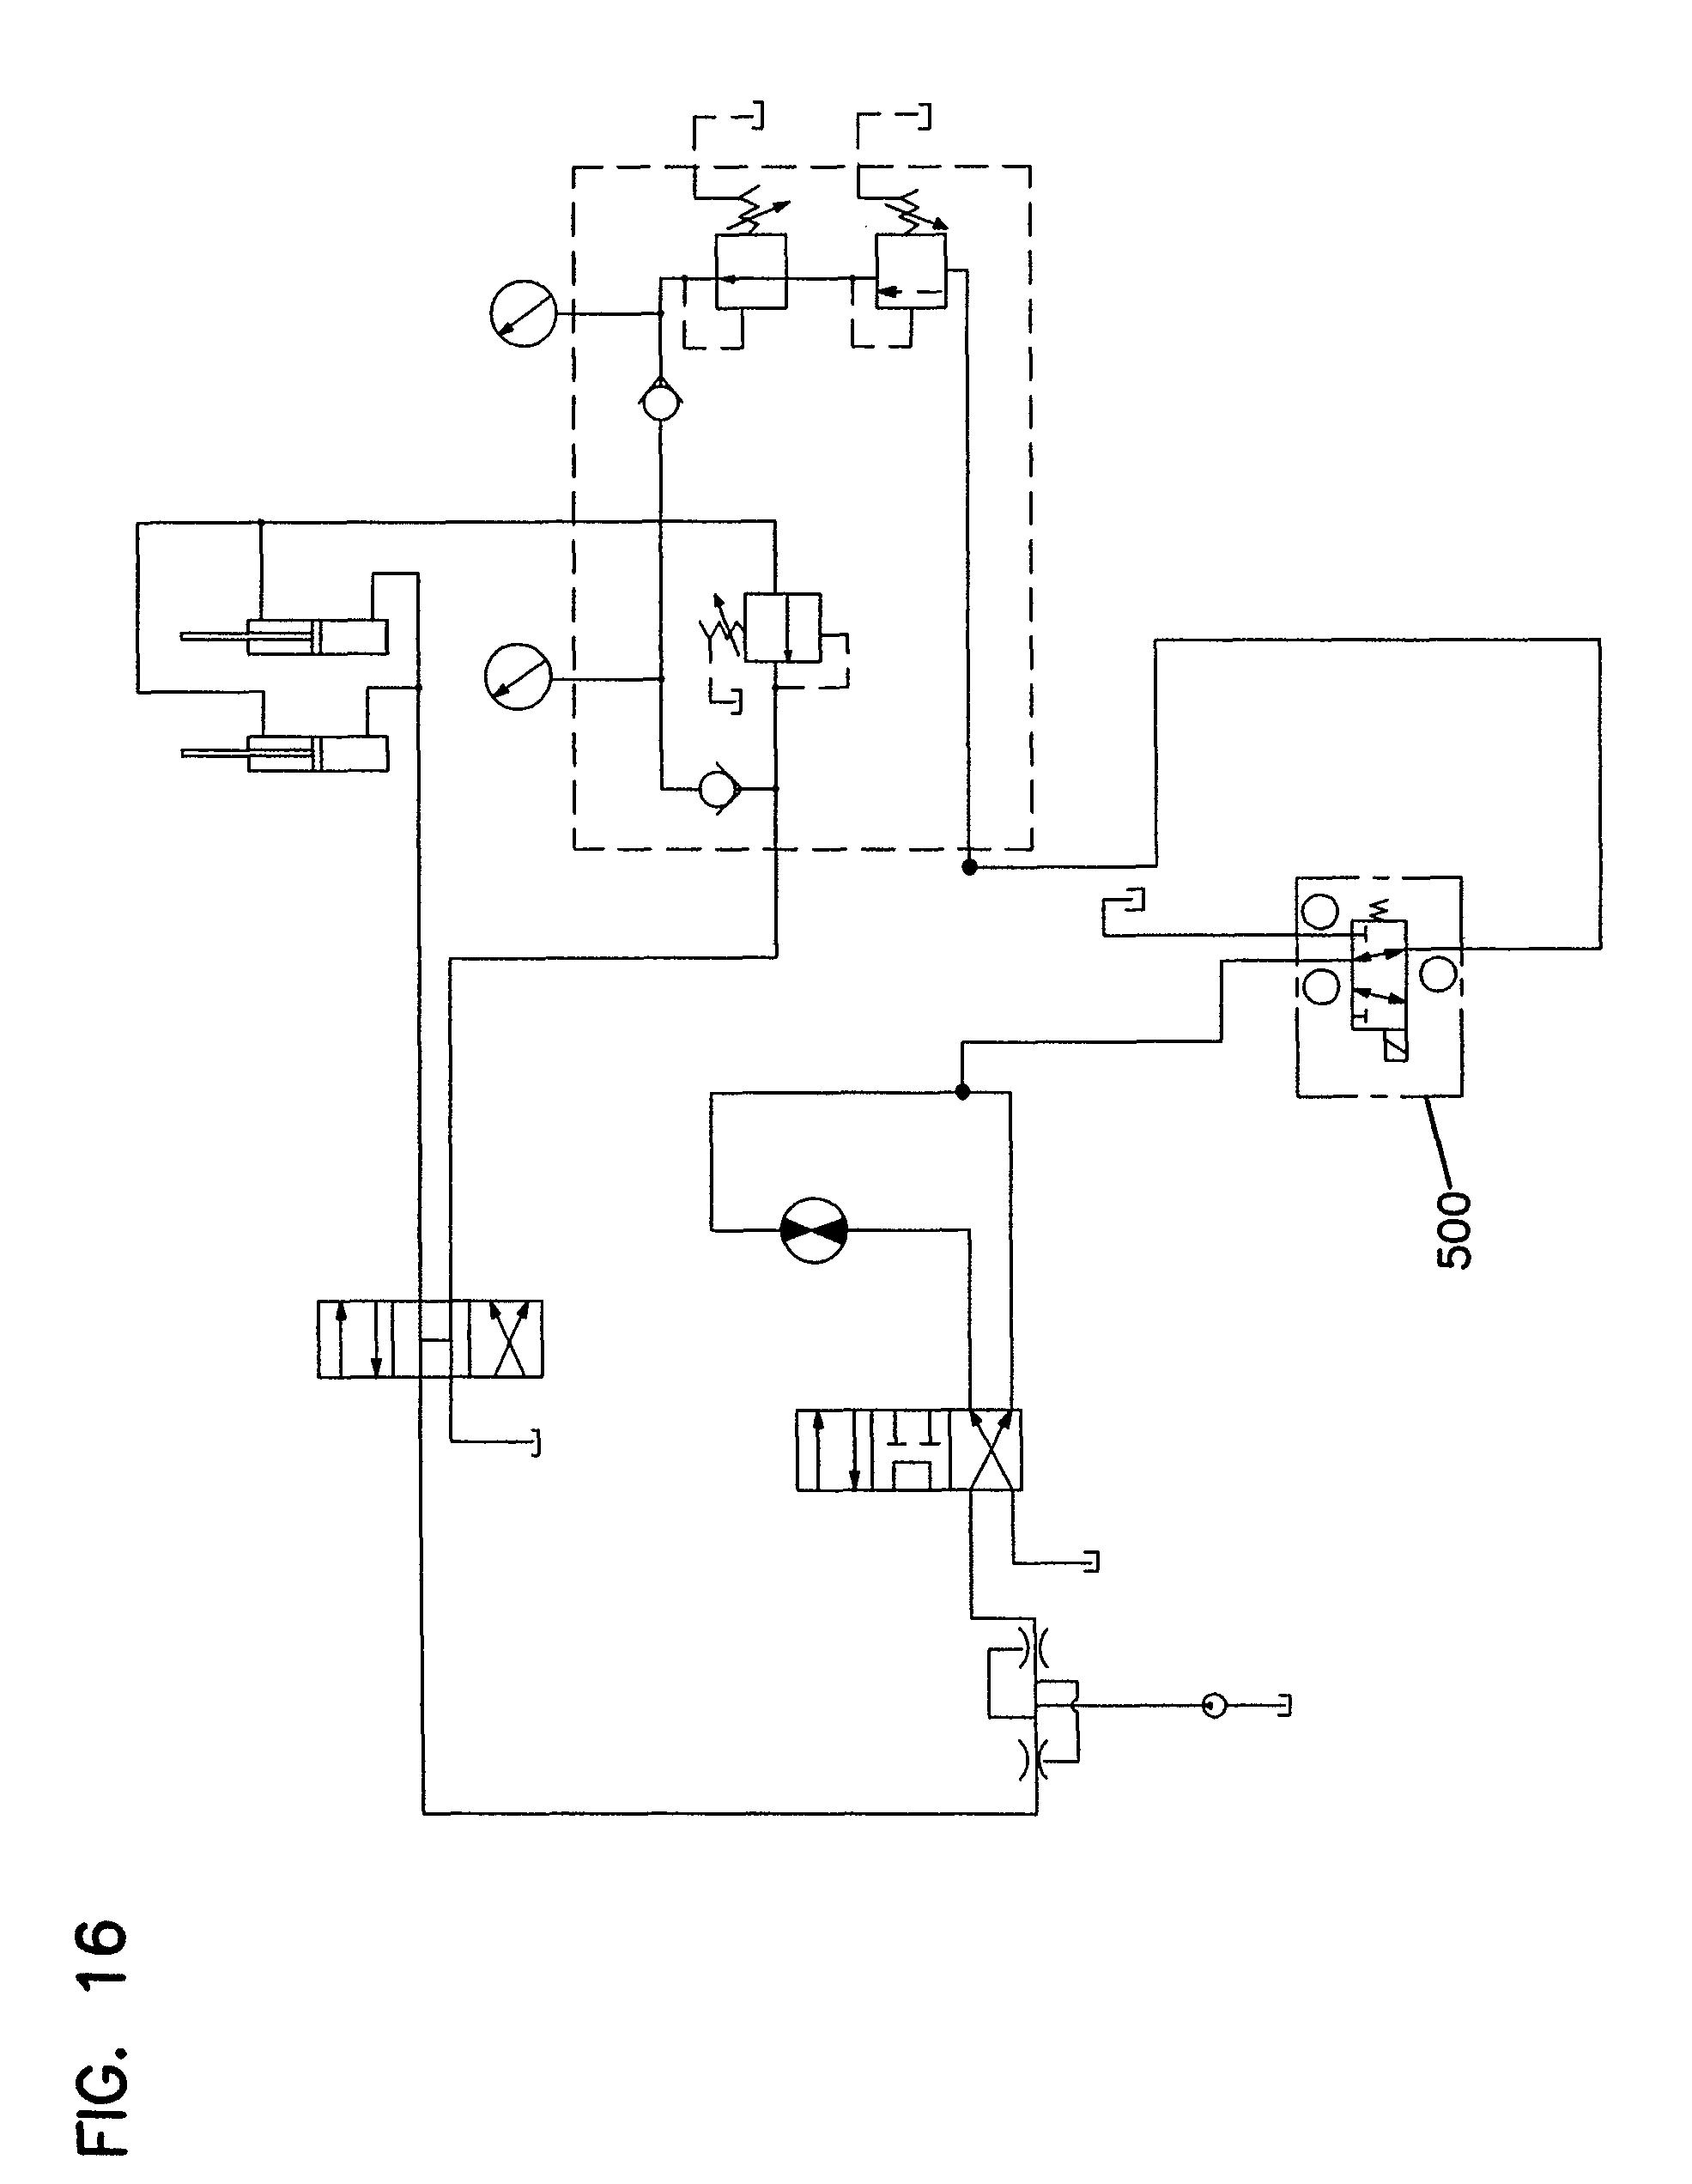 altec wiring diagram schematic diagram Asus Wiring Diagram altec wiring diagram manual e books wiring altec diagram d820 b altec winch wiring diagram